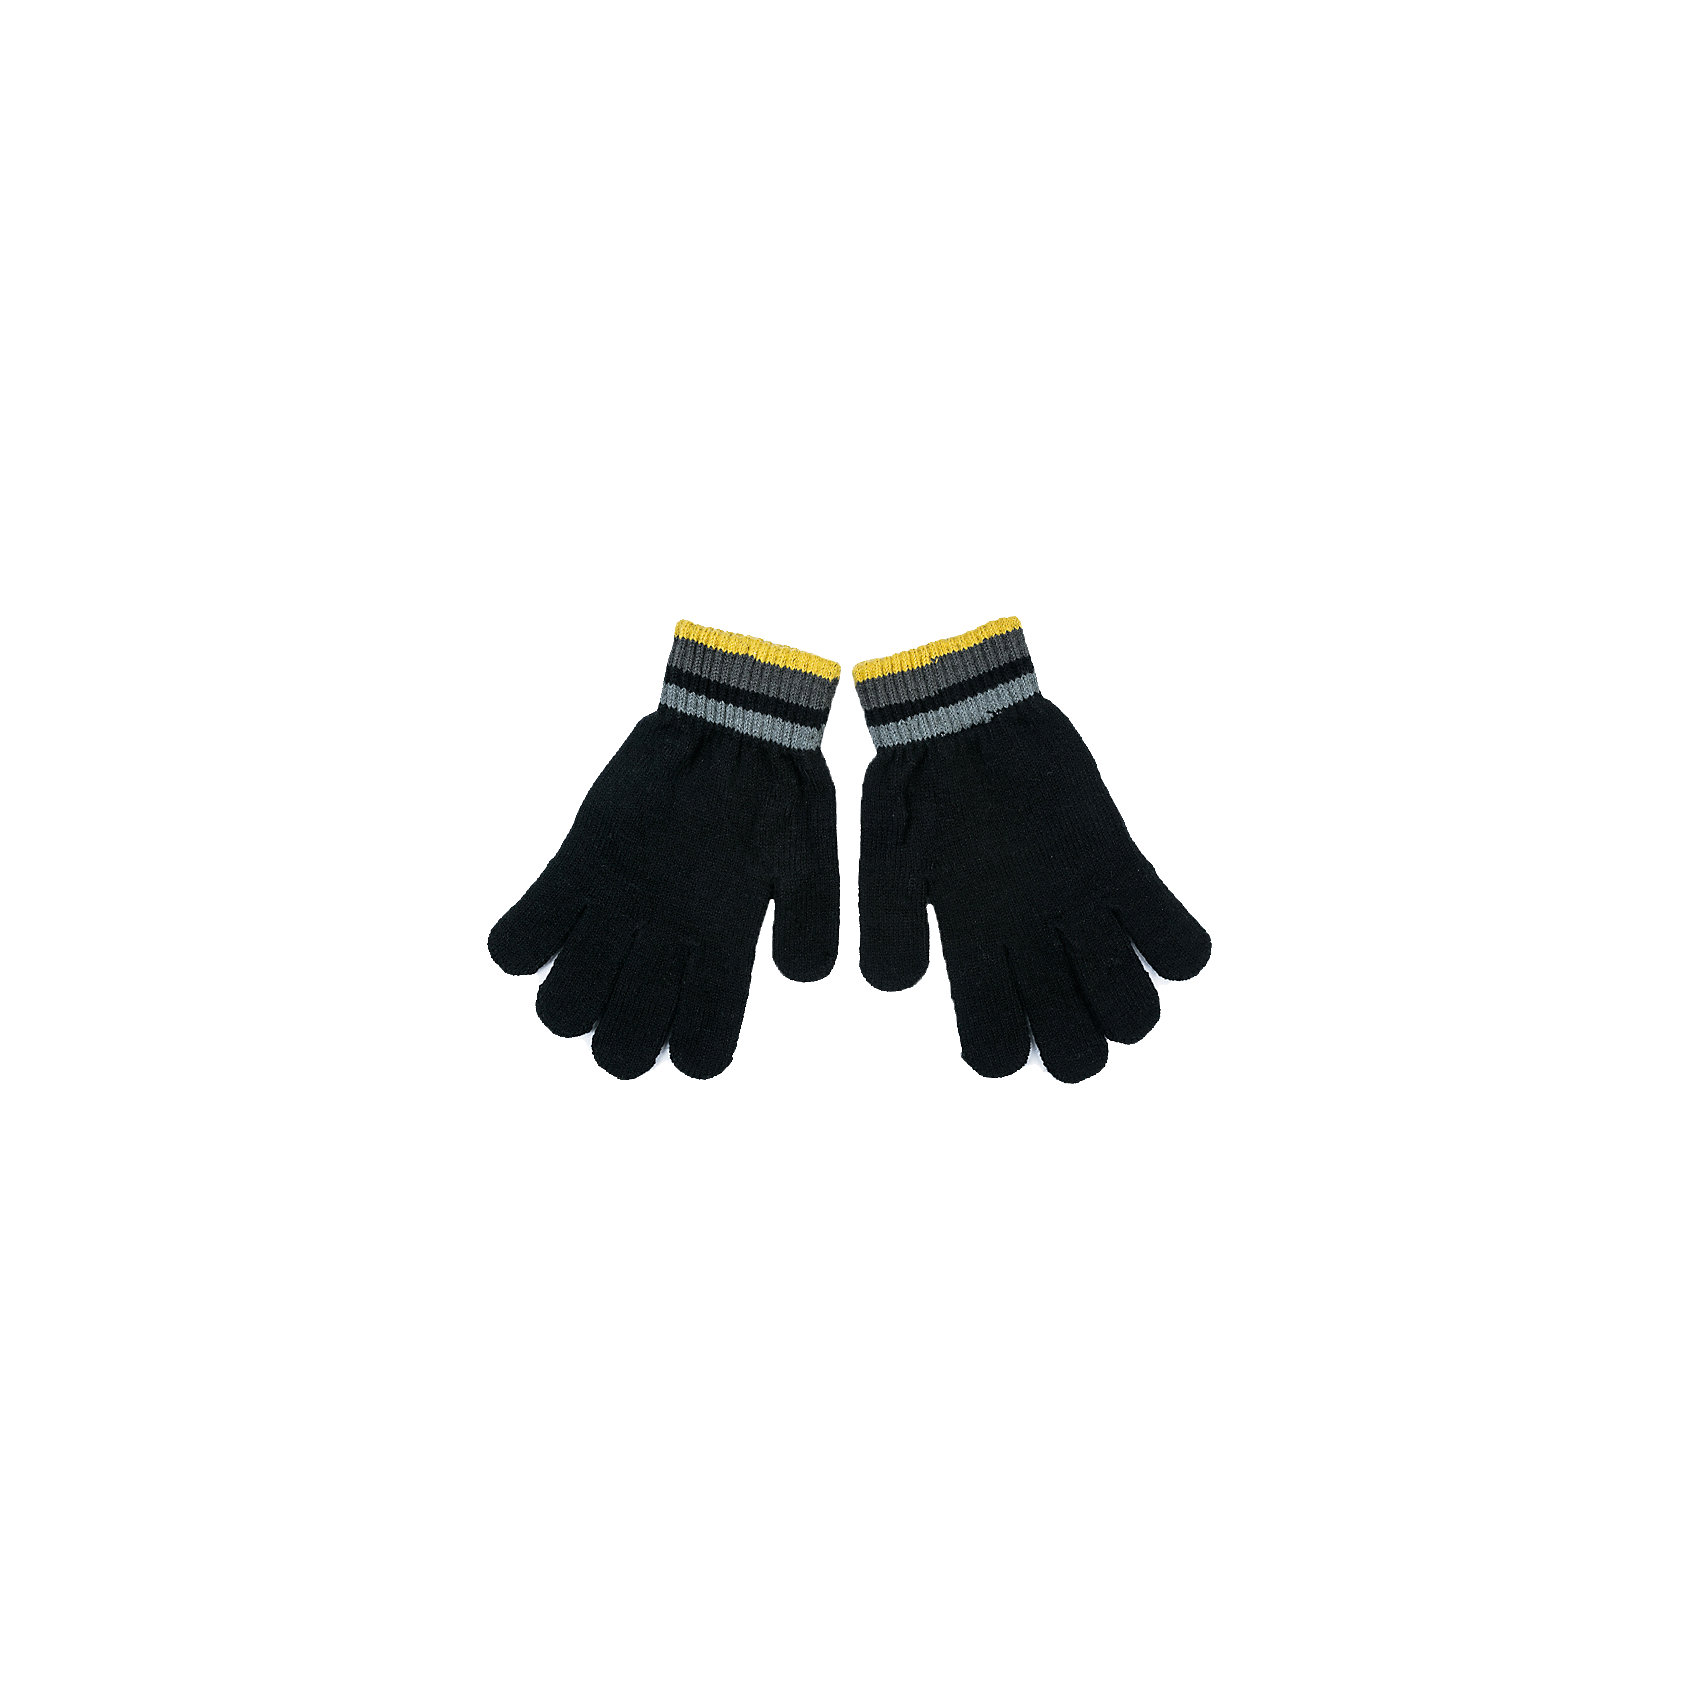 Перчатки Scool для мальчикаВерхняя одежда<br>Характеристики товара:<br><br>• цвет: черный;<br>• состав: 58% хлопок, 40% акрил, 2% эластан;<br>• сезон: демисезон;<br>• температурный режим: от +5 до -20С;<br>• особенности: вязаные;<br>• в сильные холода можно использовать как базовый слой;<br>• мягкие трикотажные резинки;<br>• коллекция: милитари;<br>• страна бренда: Германия;<br>• страна изготовитель: Китай.<br><br>Перчатки Scool для мальчика. Перчатки из смесовой ткани с высоким содержанием натурального хлопка. Плотные трикотажные резинки хорошо облегают запястье.<br><br>Перчатки Scool для мальчика (Скул) можно купить в нашем интернет-магазине.<br><br>Ширина мм: 162<br>Глубина мм: 171<br>Высота мм: 55<br>Вес г: 119<br>Цвет: черный<br>Возраст от месяцев: 132<br>Возраст до месяцев: 156<br>Пол: Мужской<br>Возраст: Детский<br>Размер: 7,5,6<br>SKU: 7104999